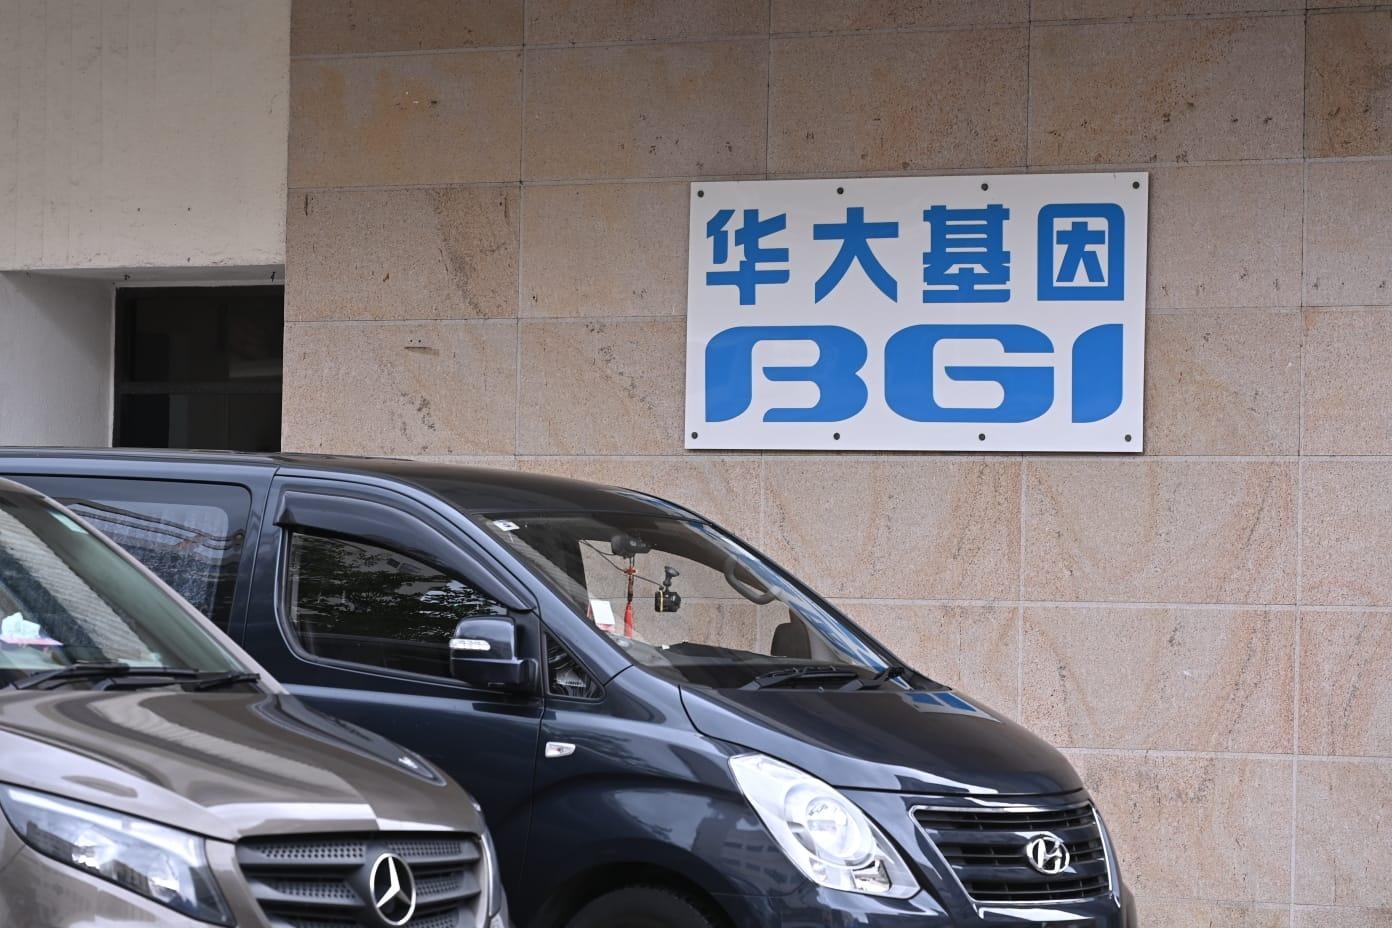 華大基因旗下的2家子公司,因涉嫌強制採集維吾爾族群體基因,7月20日被美國商務部工業和安全局(BIS)宣佈列入制裁黑名單。圖為香港華大基因。(宋碧龍/大紀元)